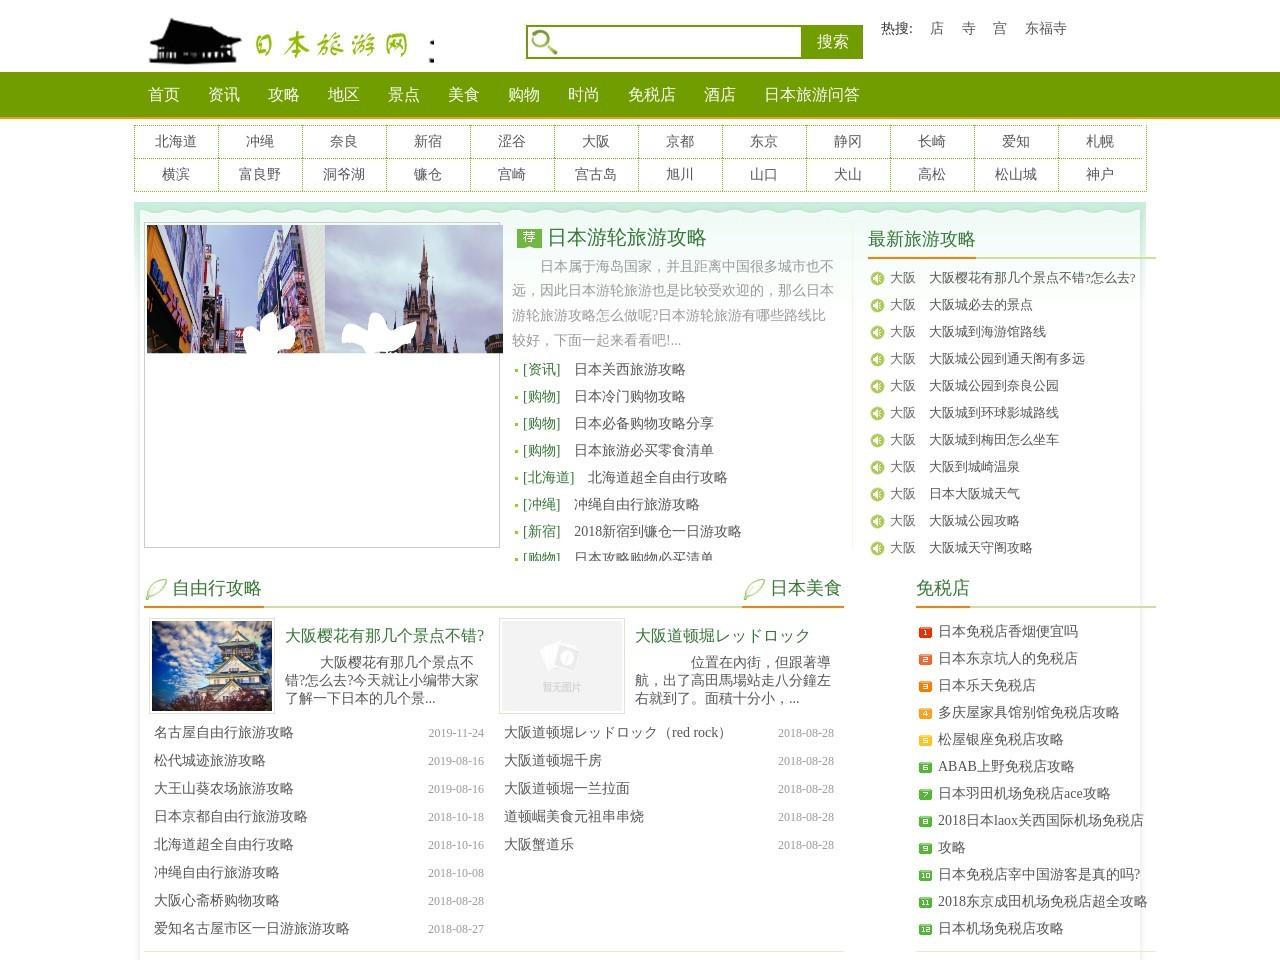 日本旅游攻略-日本旅游门户网站-日游网